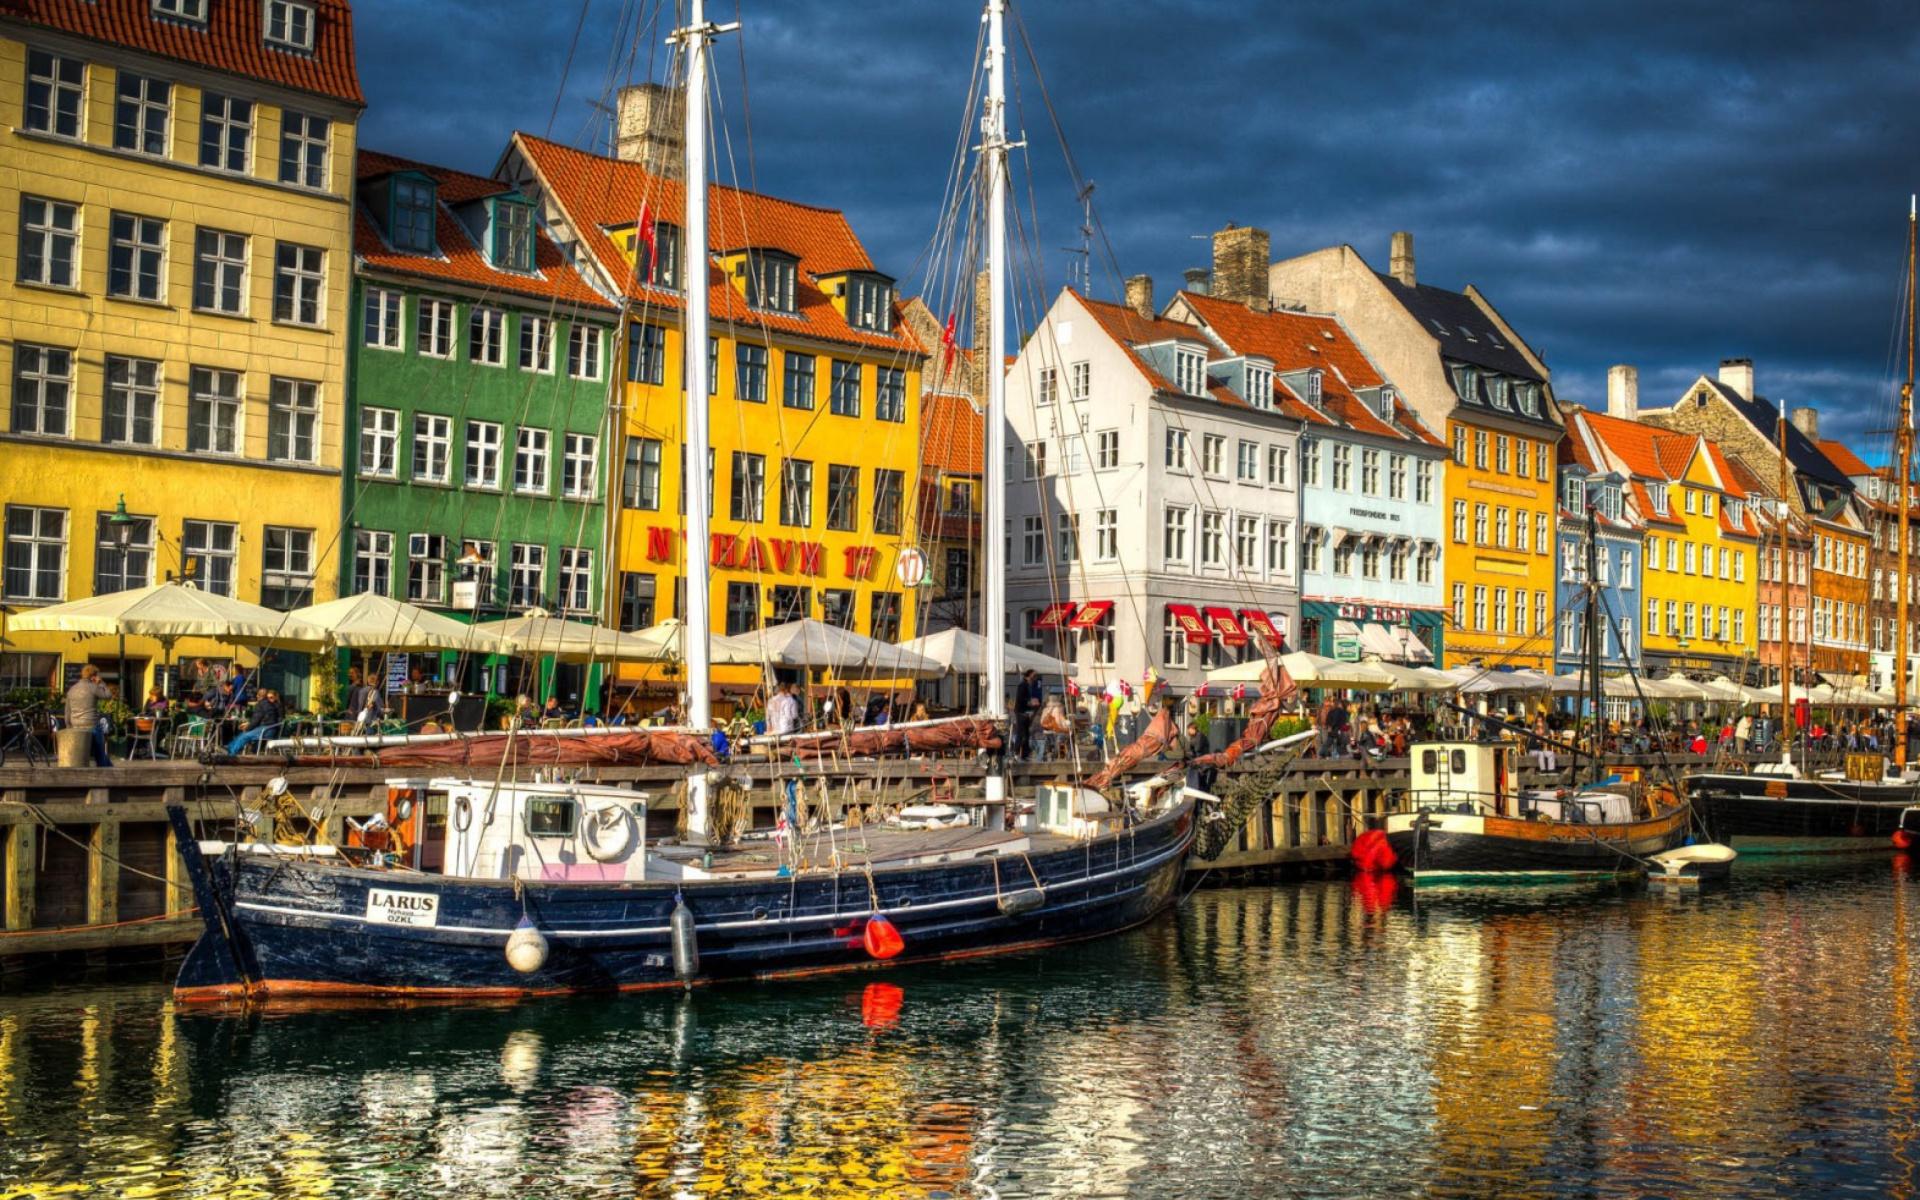 Copenhagen fondos de pantalla gratis para widescreen escritorio pc 1920x1080 full hd - Copenhagen wallpaper ...